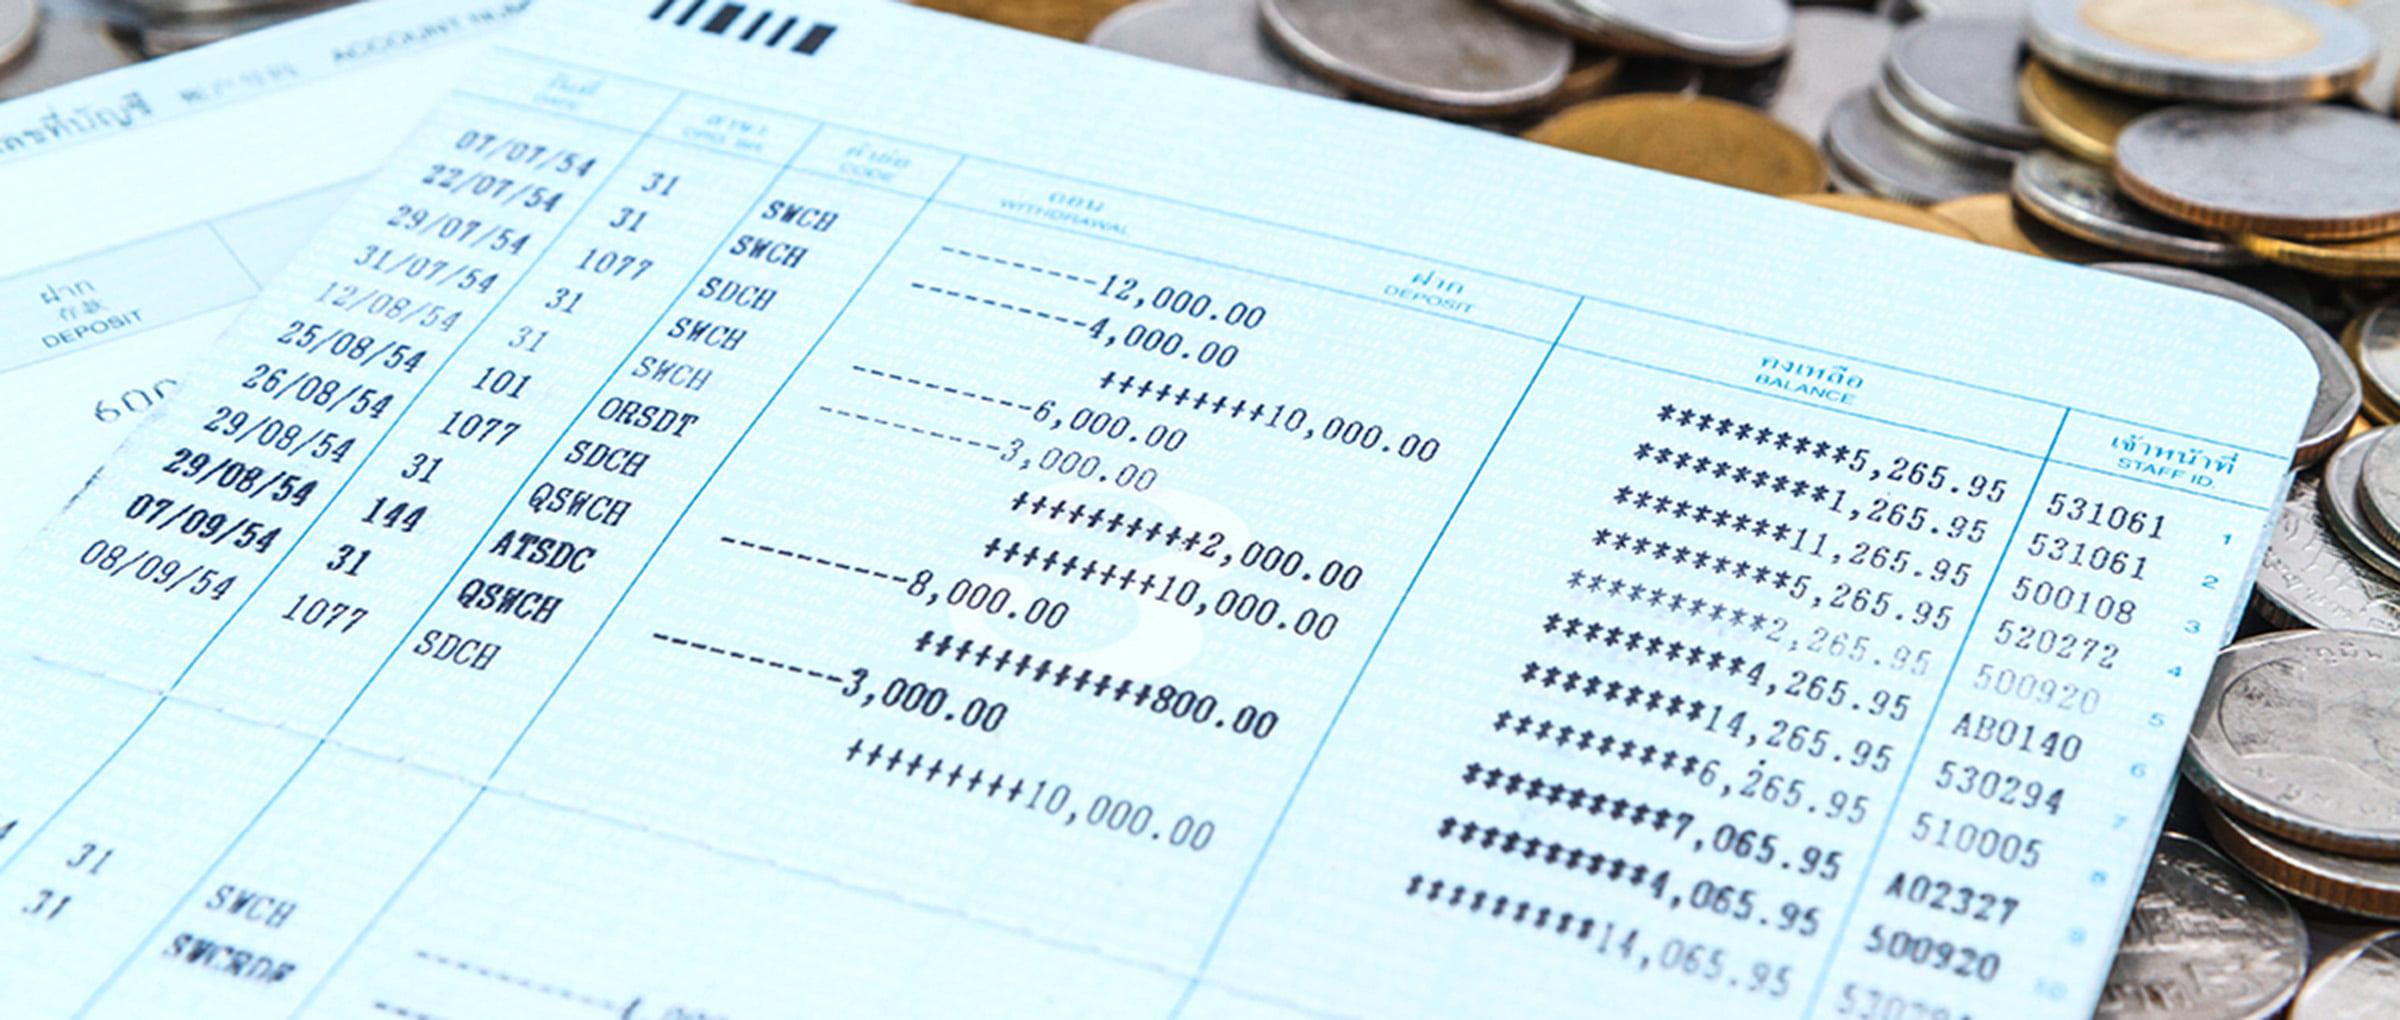 Compte en fiducie ou fidéicommis pour les frais de la GPA